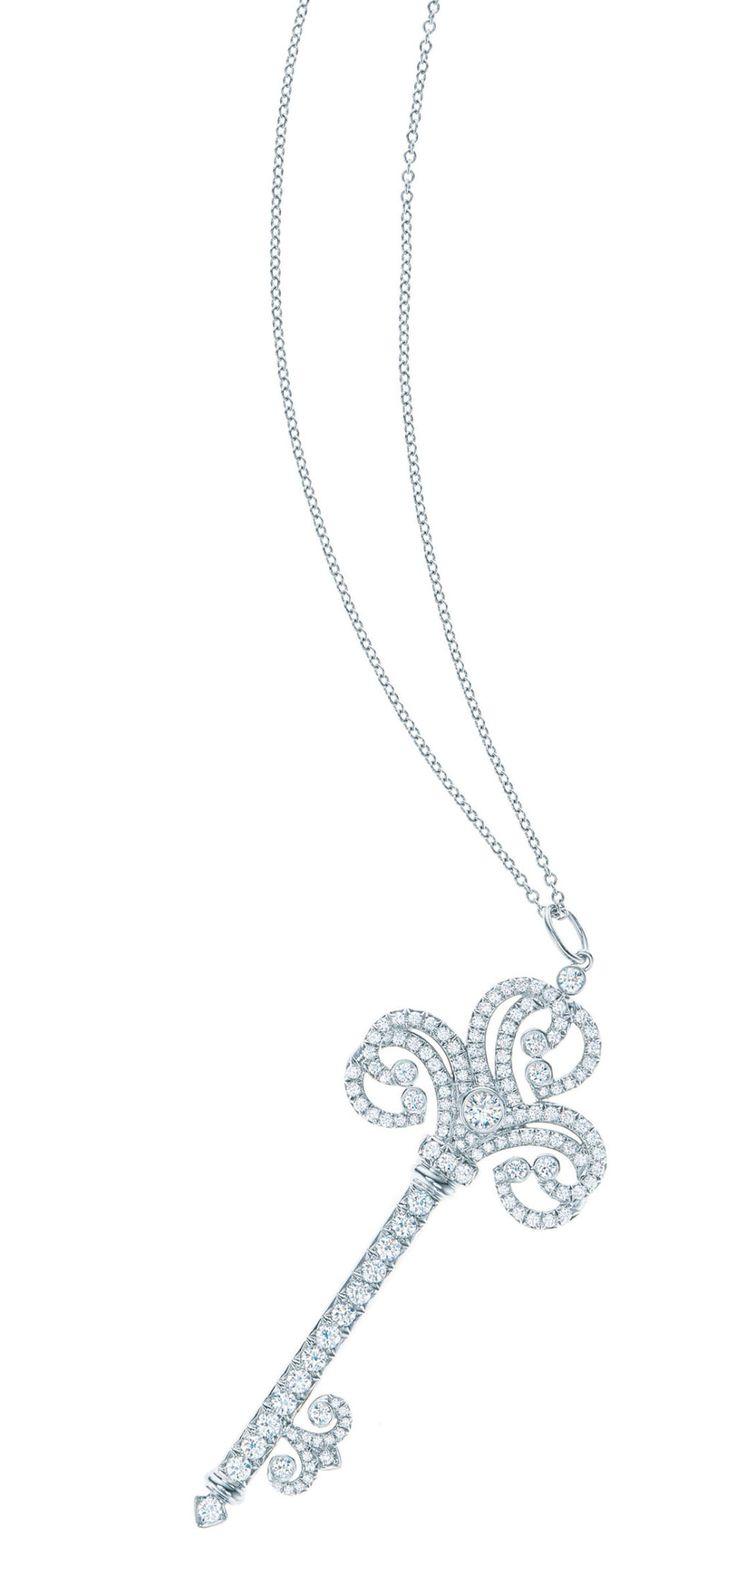 Pendente chiave in platino e diamanti. Tiffany